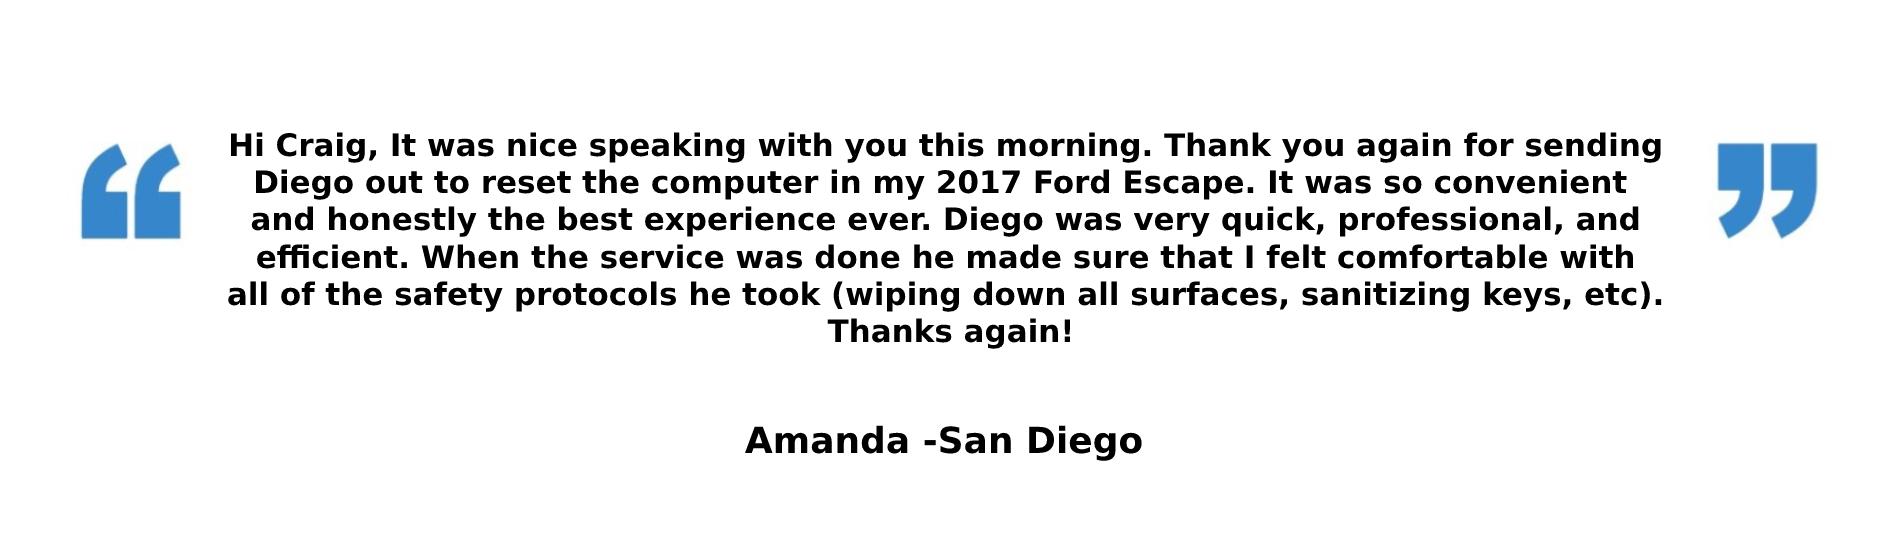 Amanda Review